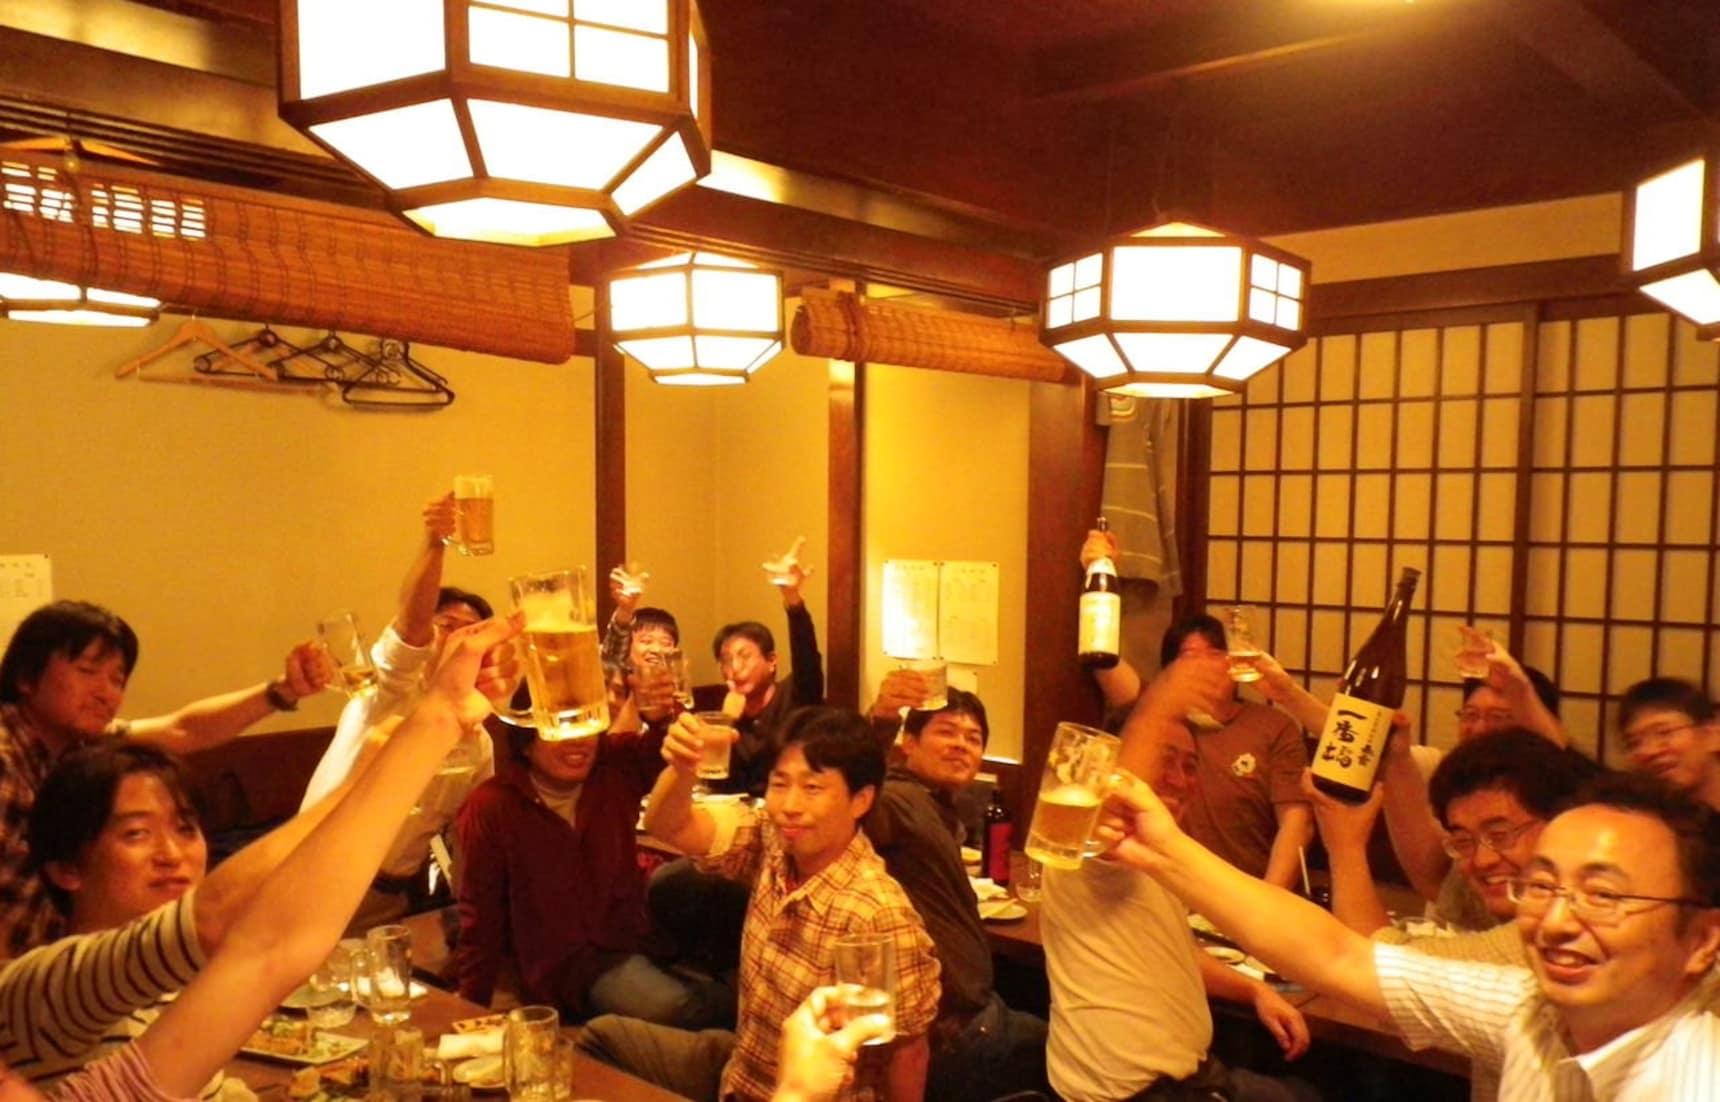 居酒屋裡的文化與禮儀4講